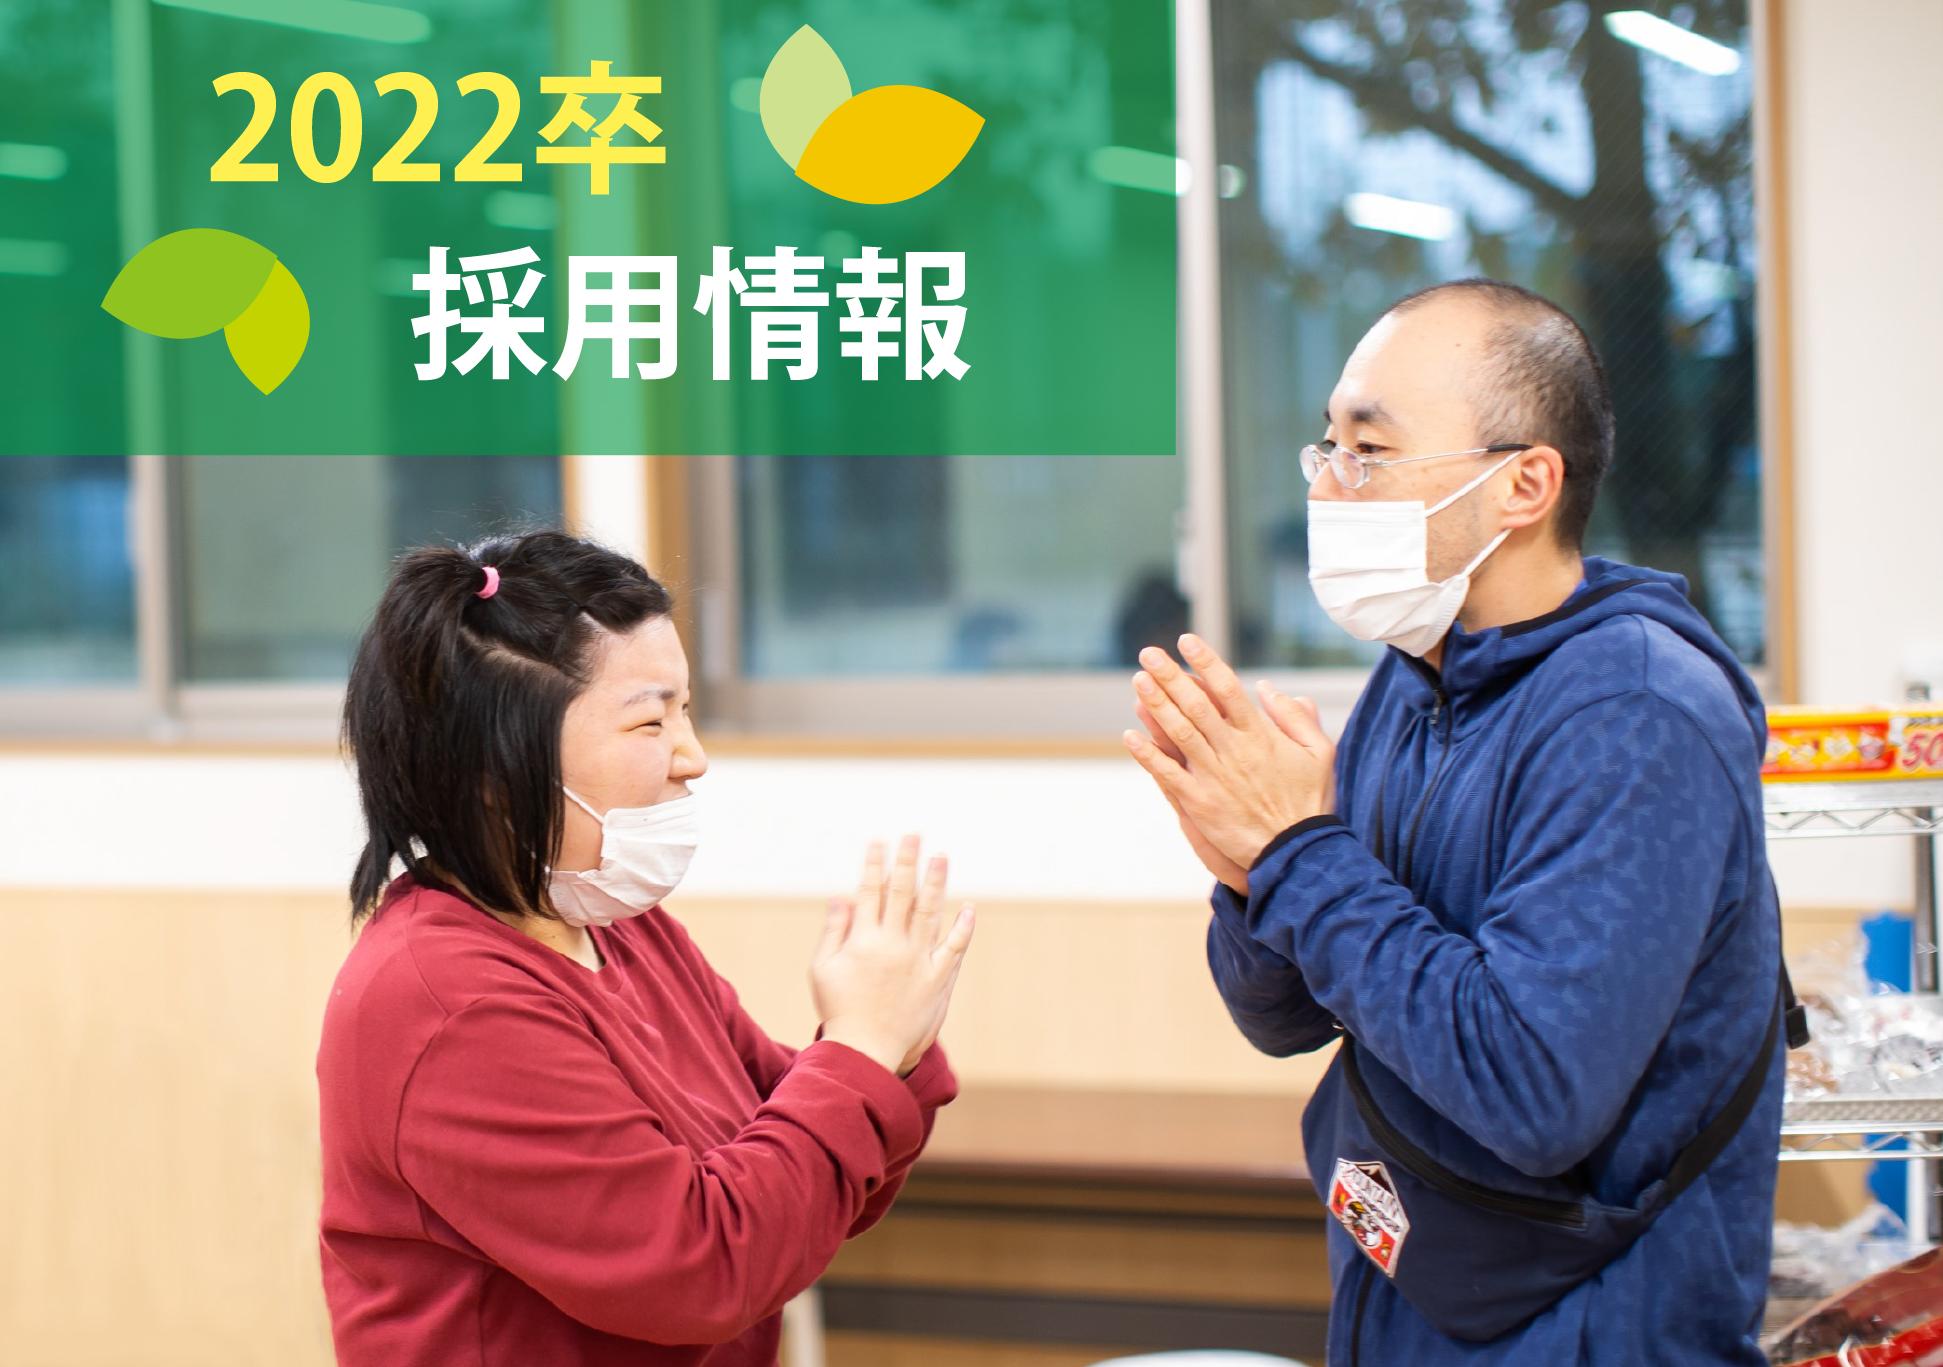 【2022年卒 新卒採用】就職フェア出展情報!